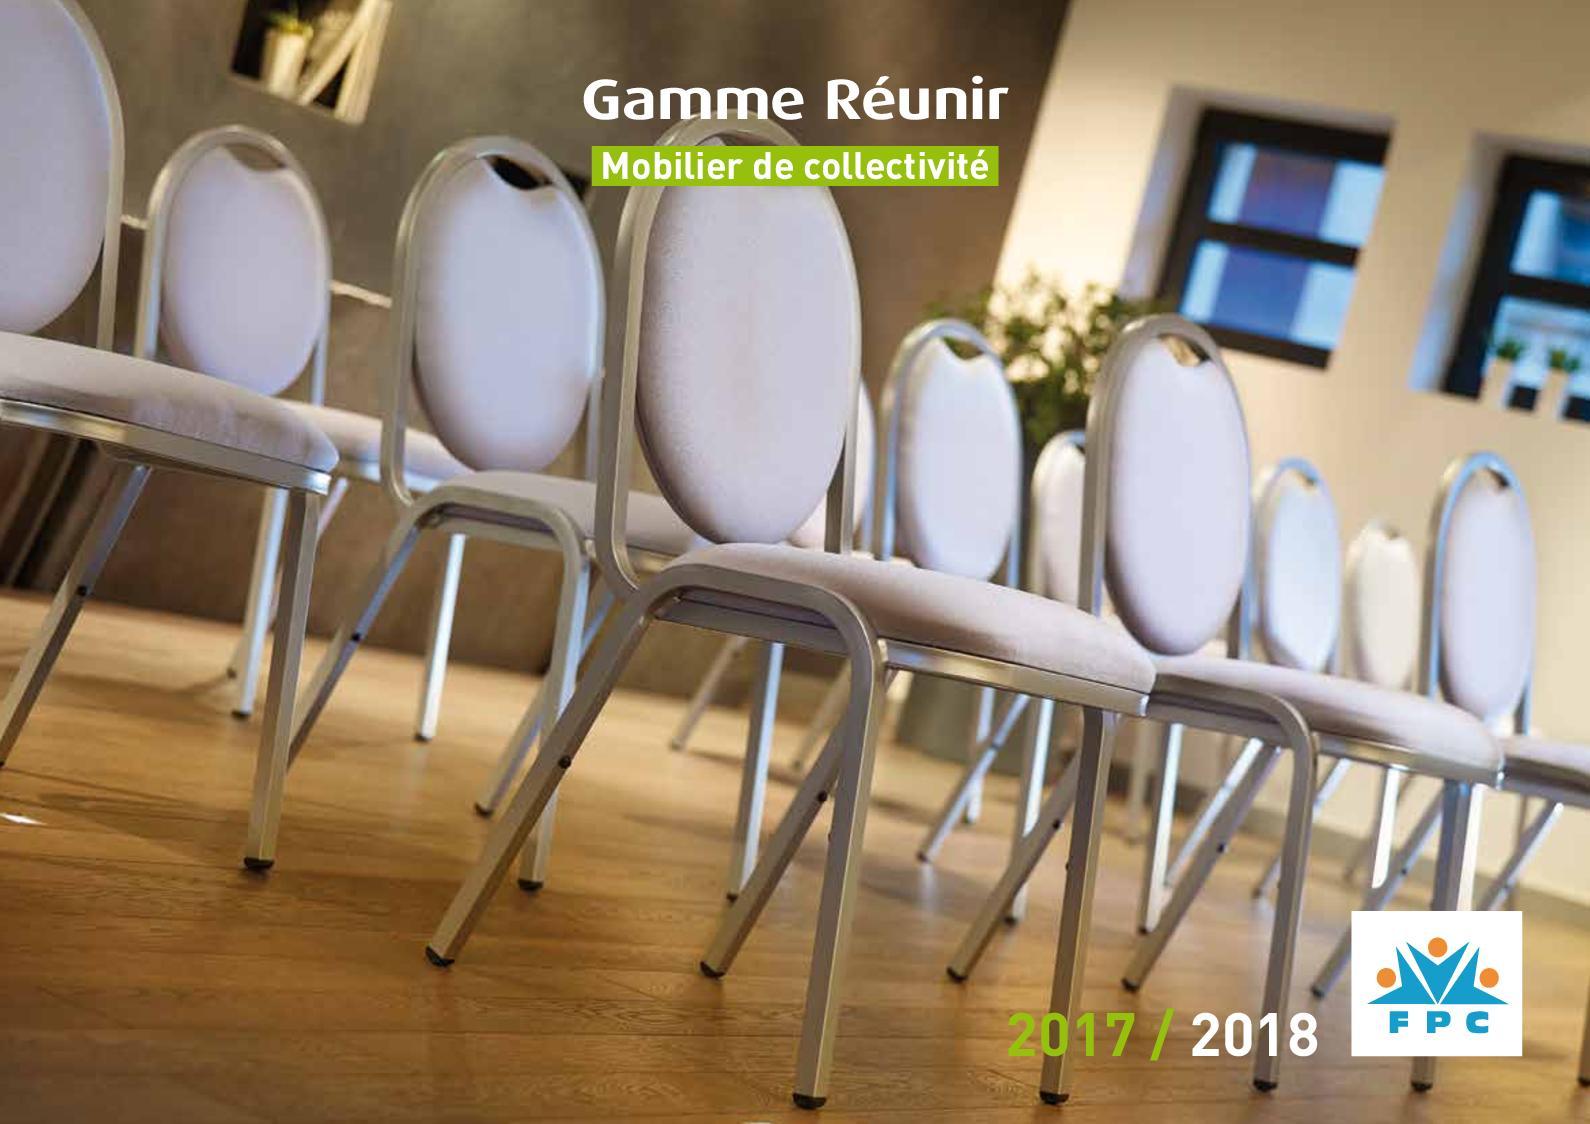 Renover Une Chaise Medaillon calaméo - catalogue fpc gamme reunir